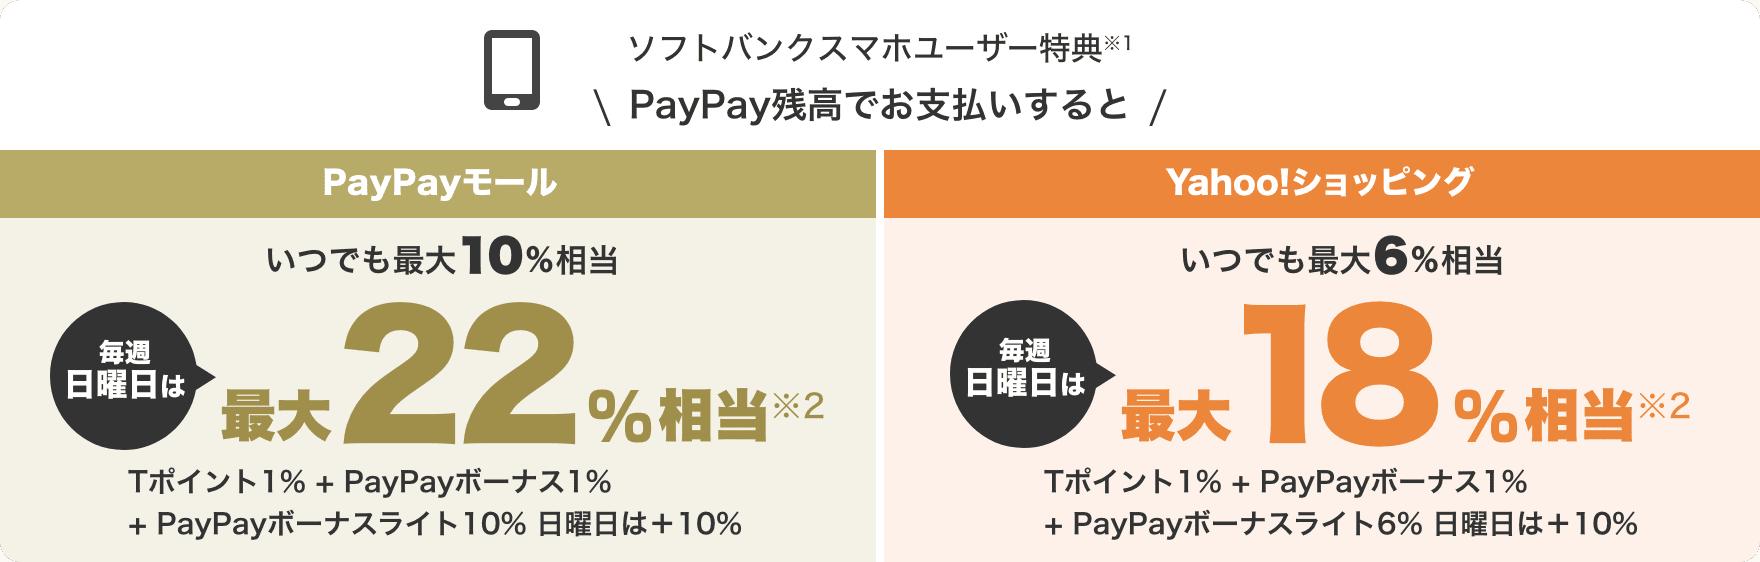 ソフトバンクスマホユーザー特典(※1) PayPay残高でお支払いするとPayPayモールいつでも最大10%相当毎週日曜日は最大20%相当(※2)Tポイント1%+PayPayボーナス1%+PayPayボーナスライト8%日曜日はソフトバンクユーザー特典で+PayPayボーナスライト10% Yahoo!ショッピングいつでも最大6%相当毎週日曜日は最大16%相当(※2)Tポイント1%+PayPayボーナス1%+PayPayボーナスライト4%日曜日はソフトバンクユーザー特典でPayPayボーナスライト+10%